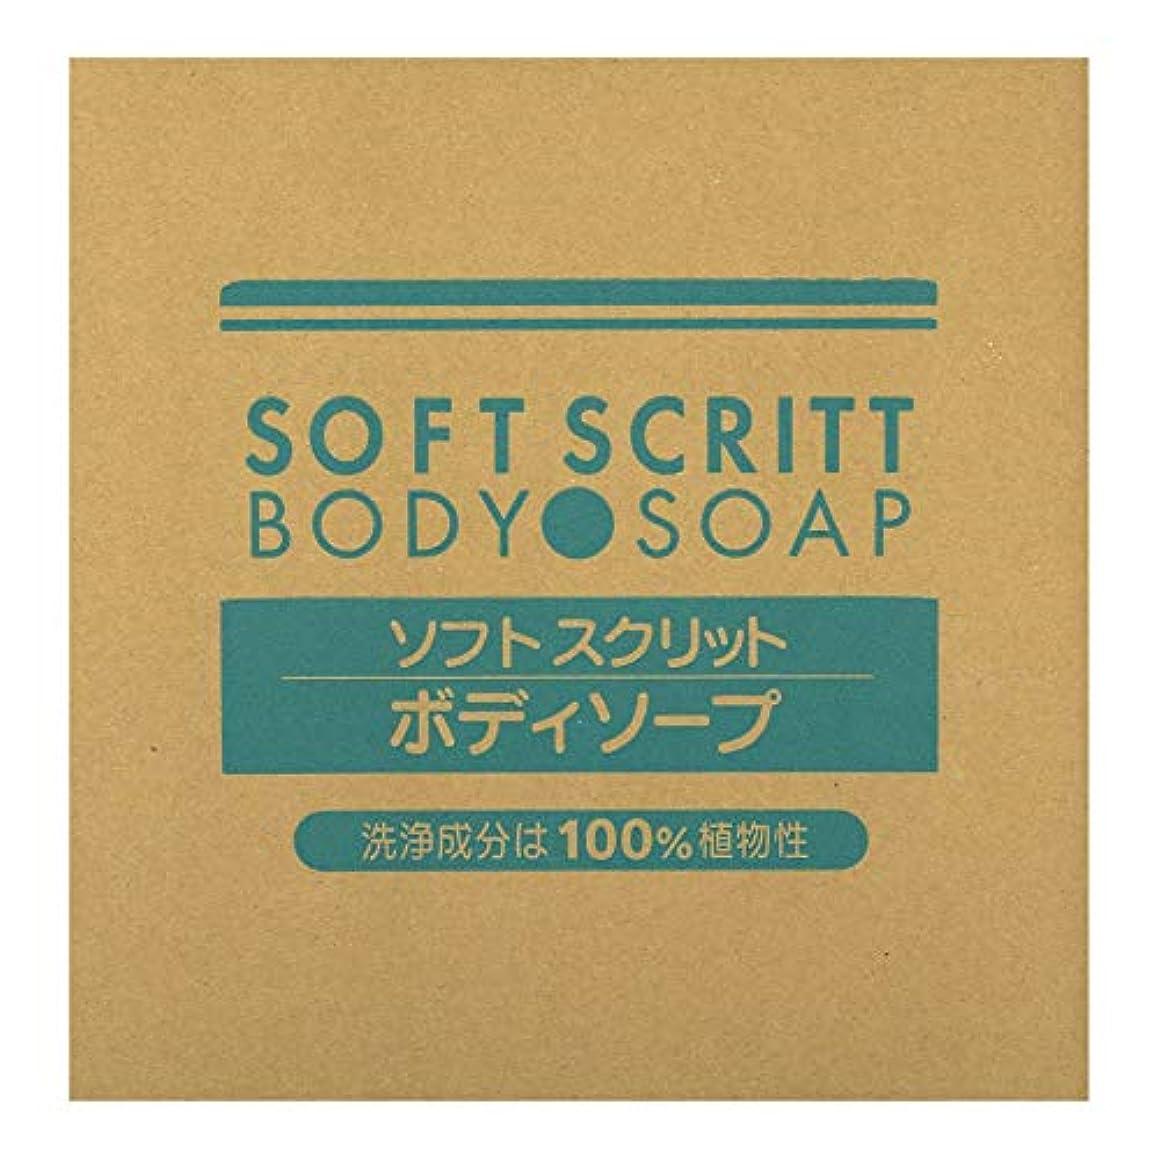 ドキドキ連邦不利熊野油脂 業務用 SOFT SCRITT(ソフト スクリット) ボディソープ 18L